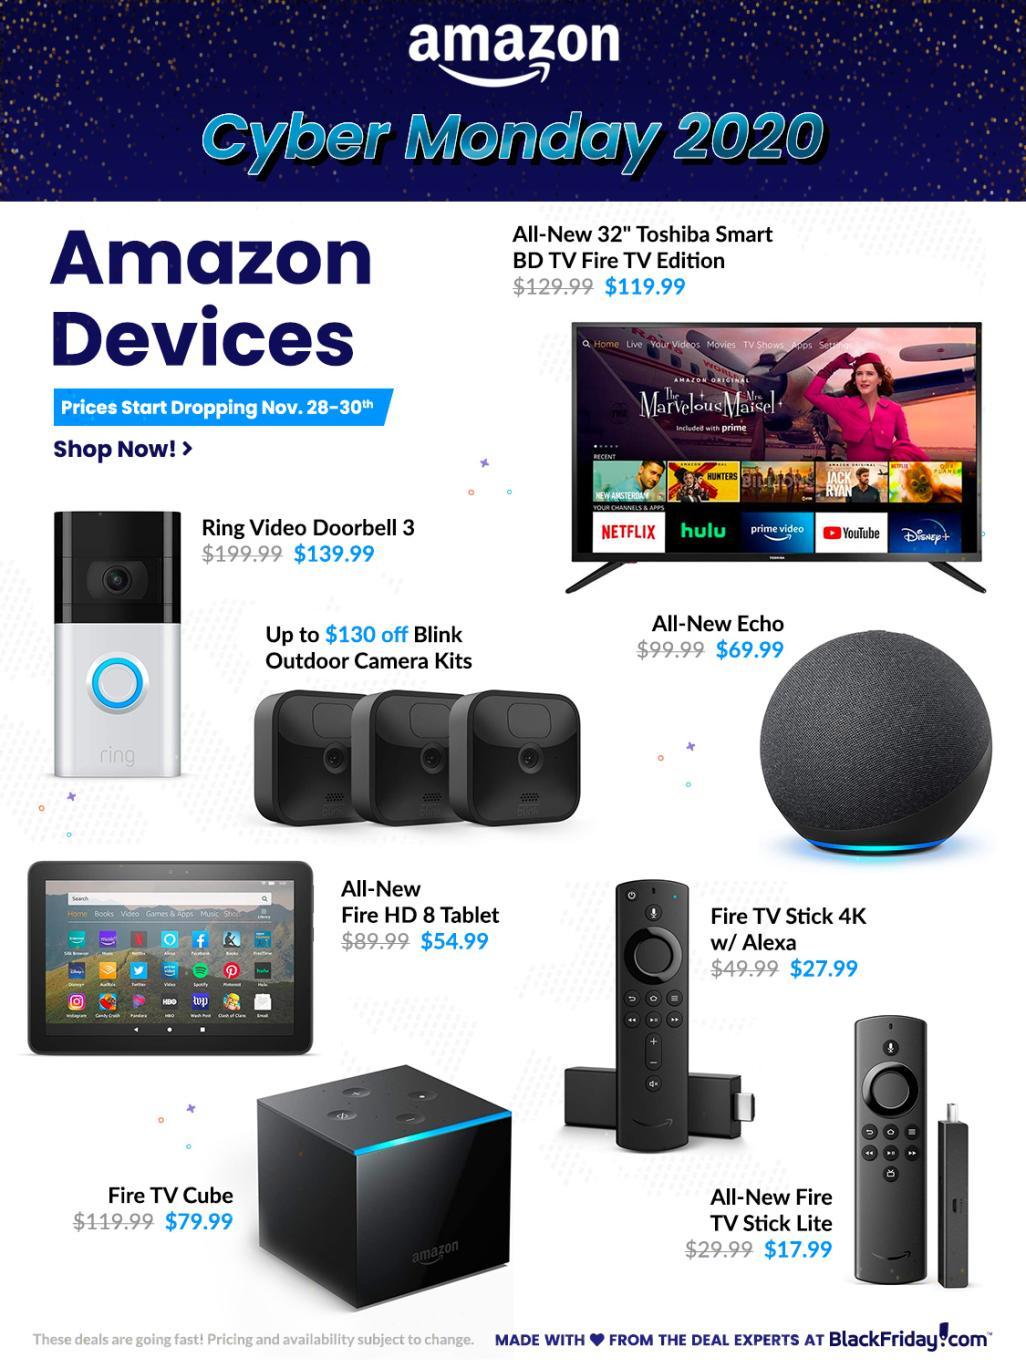 Amazon Cyber Monday Sales Ad 2020